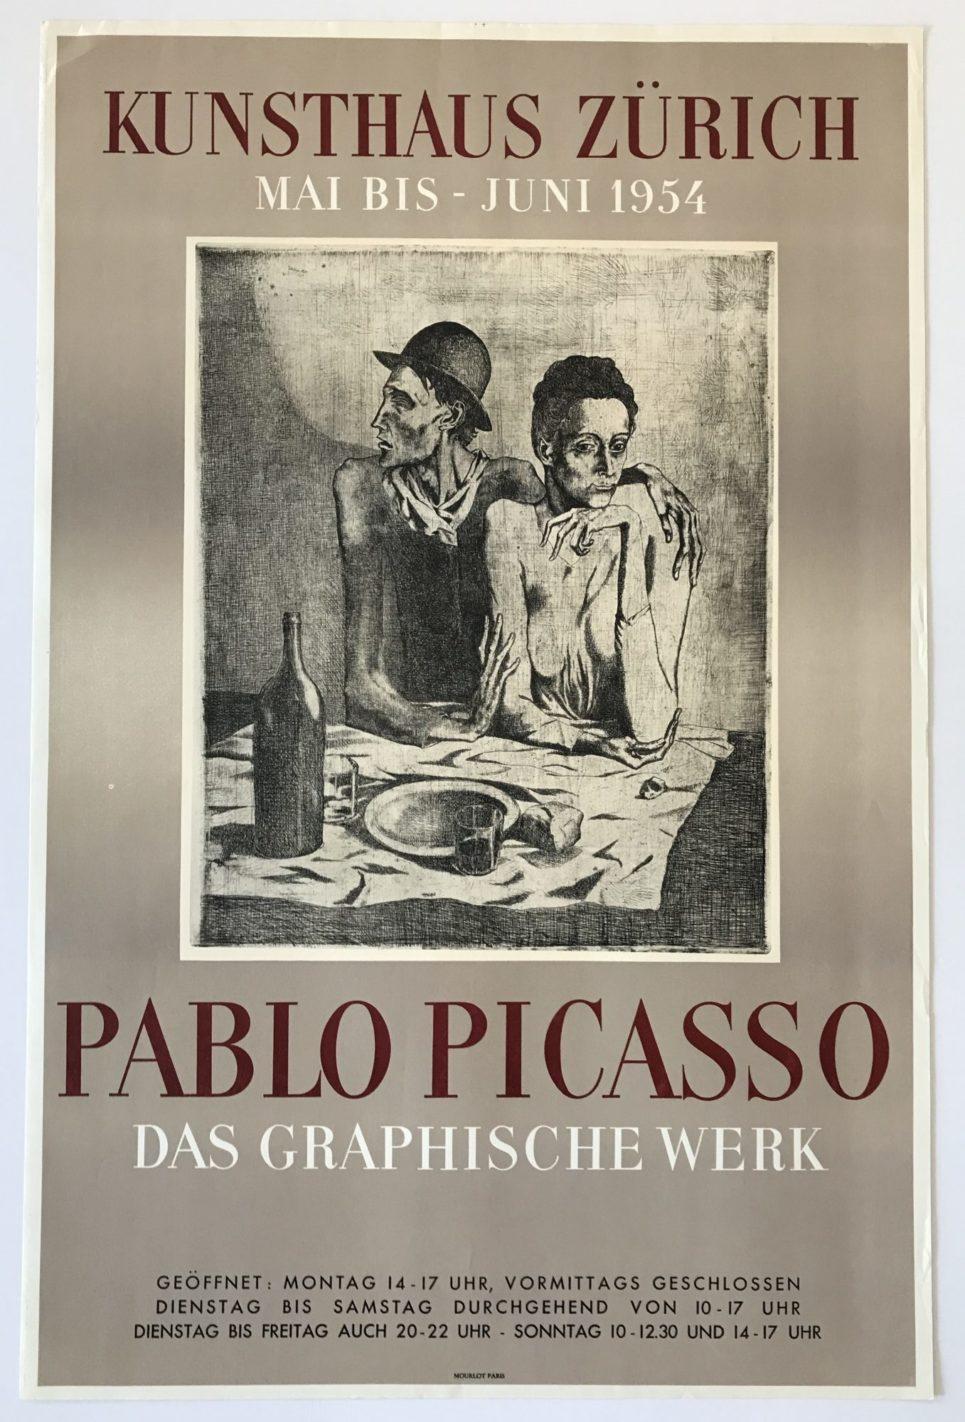 pablo-picasso-das-graphische-werk-full-paper